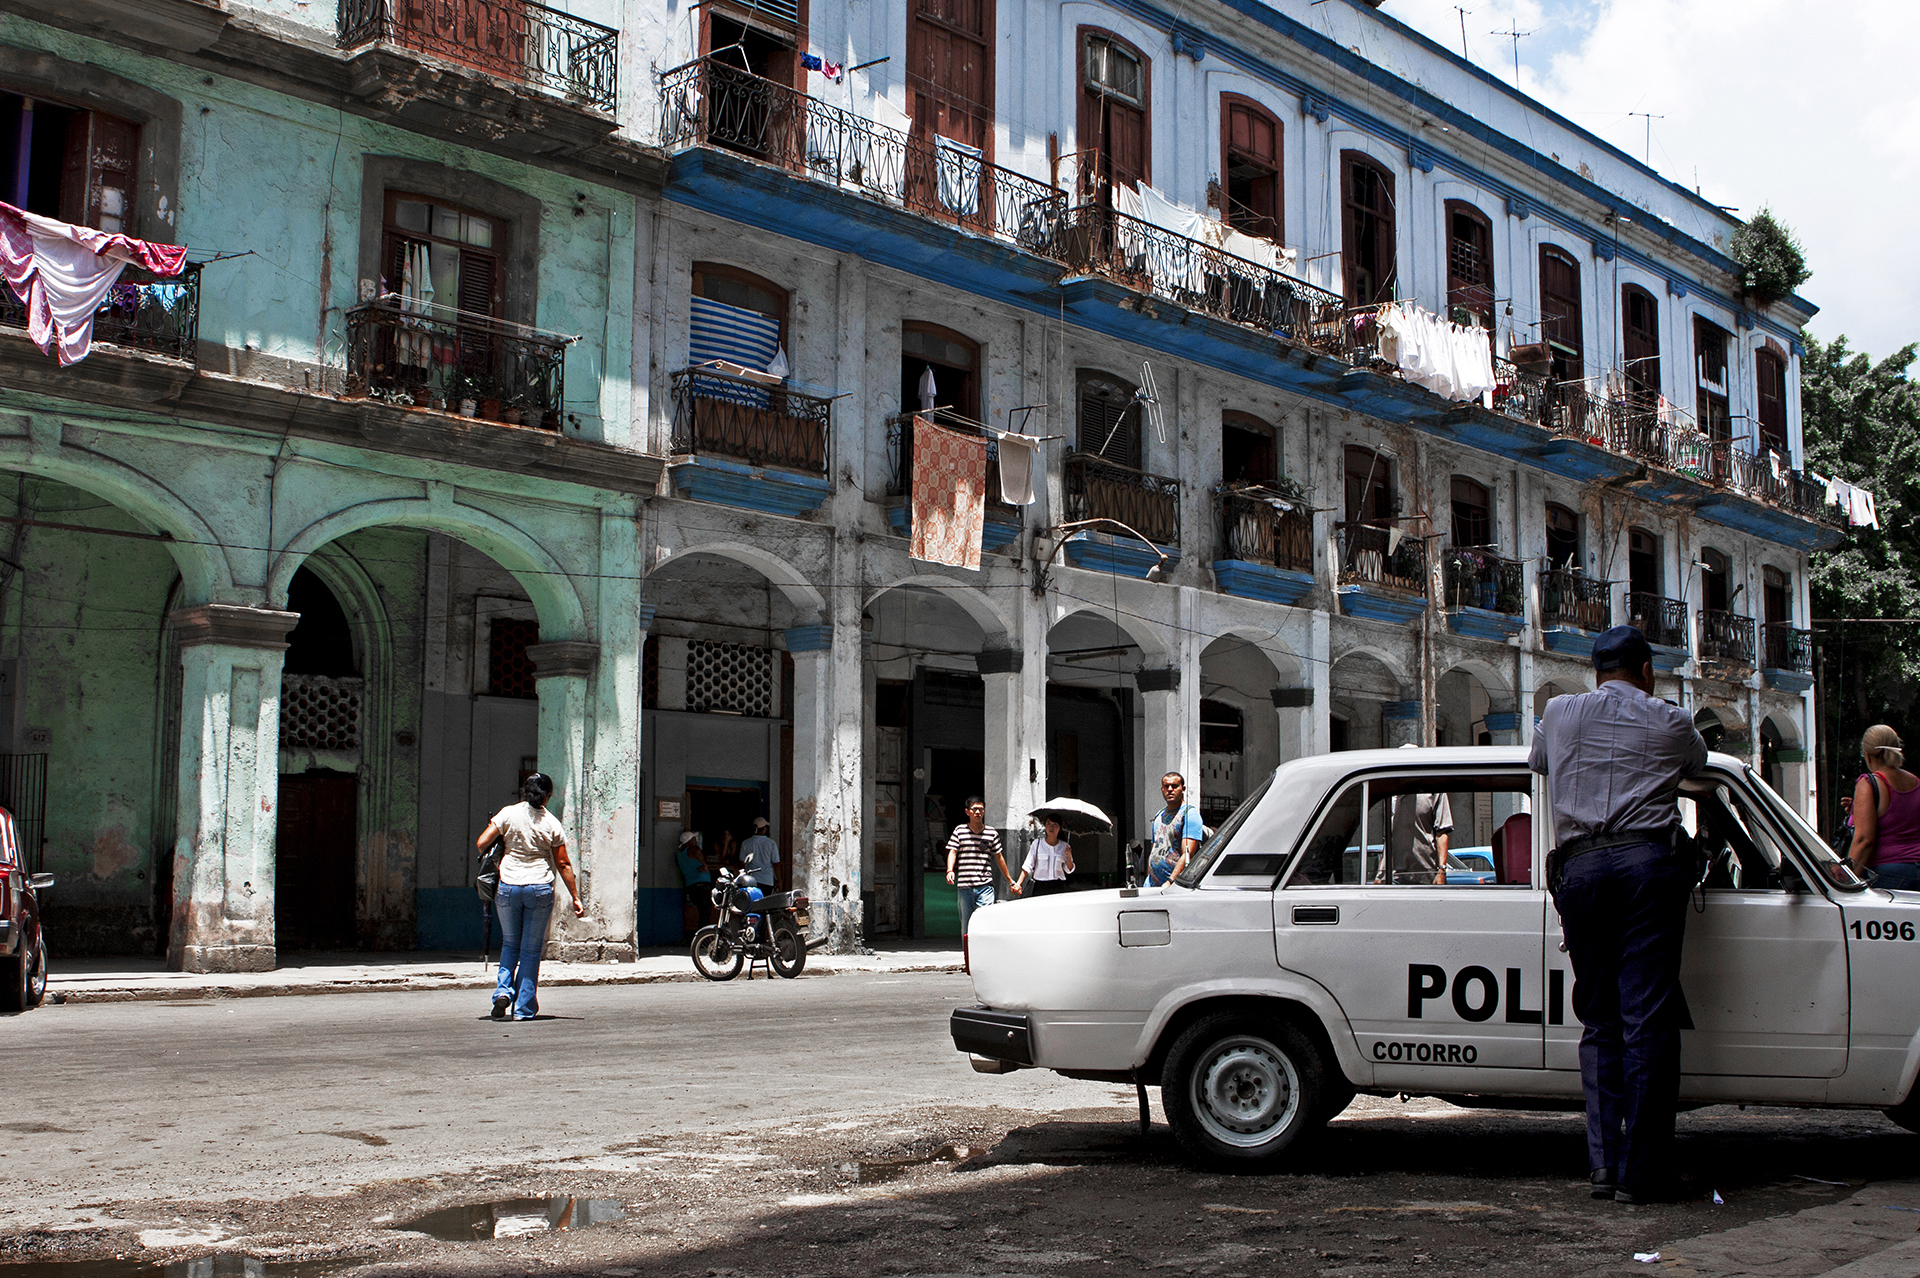 13-police.jpg